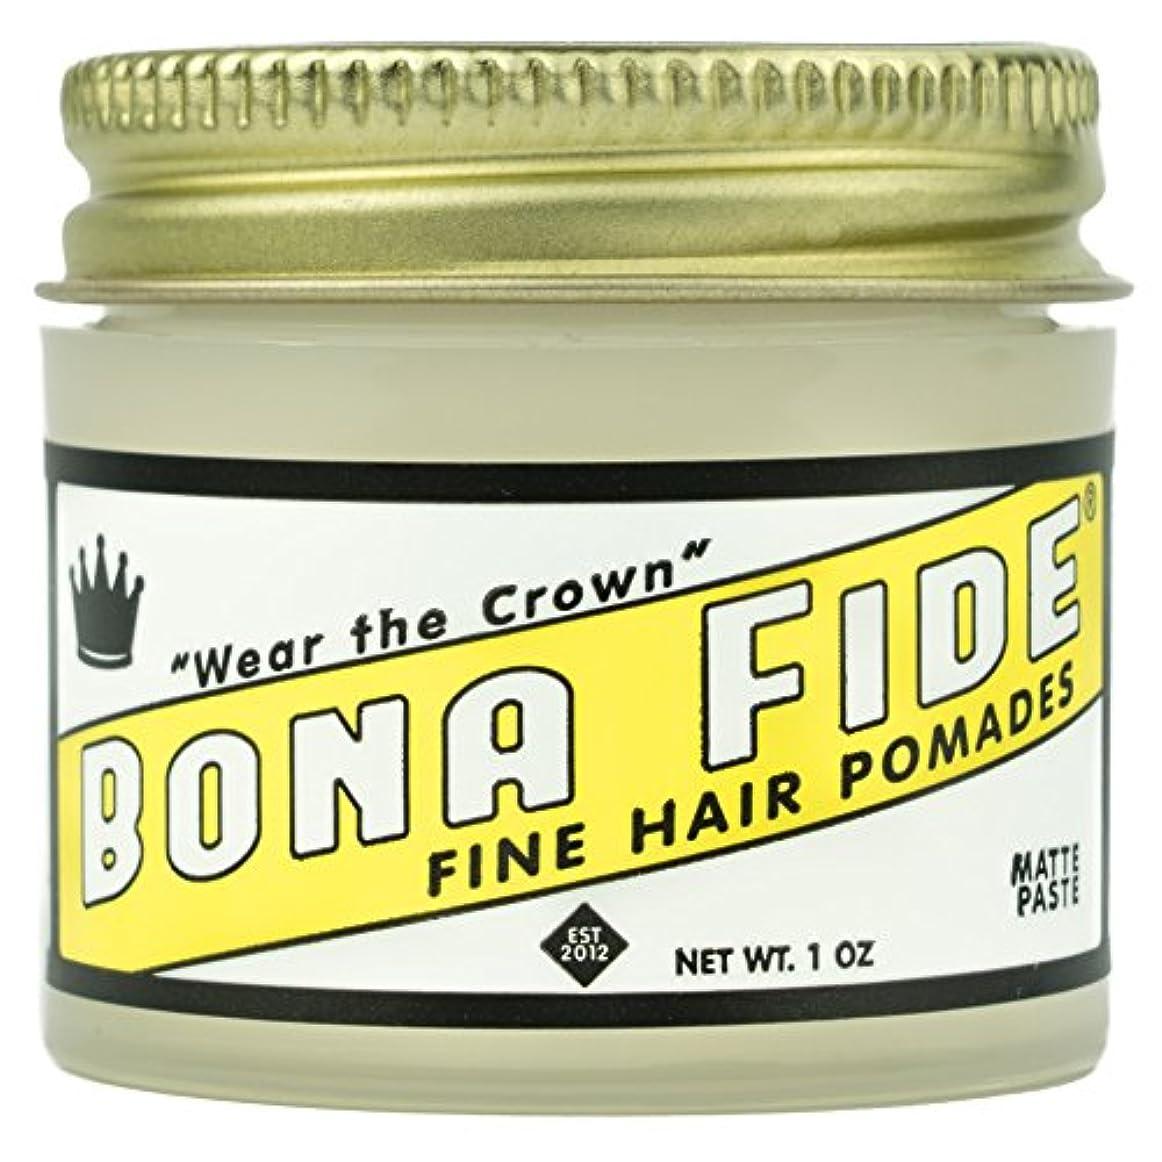 多数の涙キャプションBona Fide Pomade, マットペースト 1oz (28g) / トラベルサイズ,水性/グリース